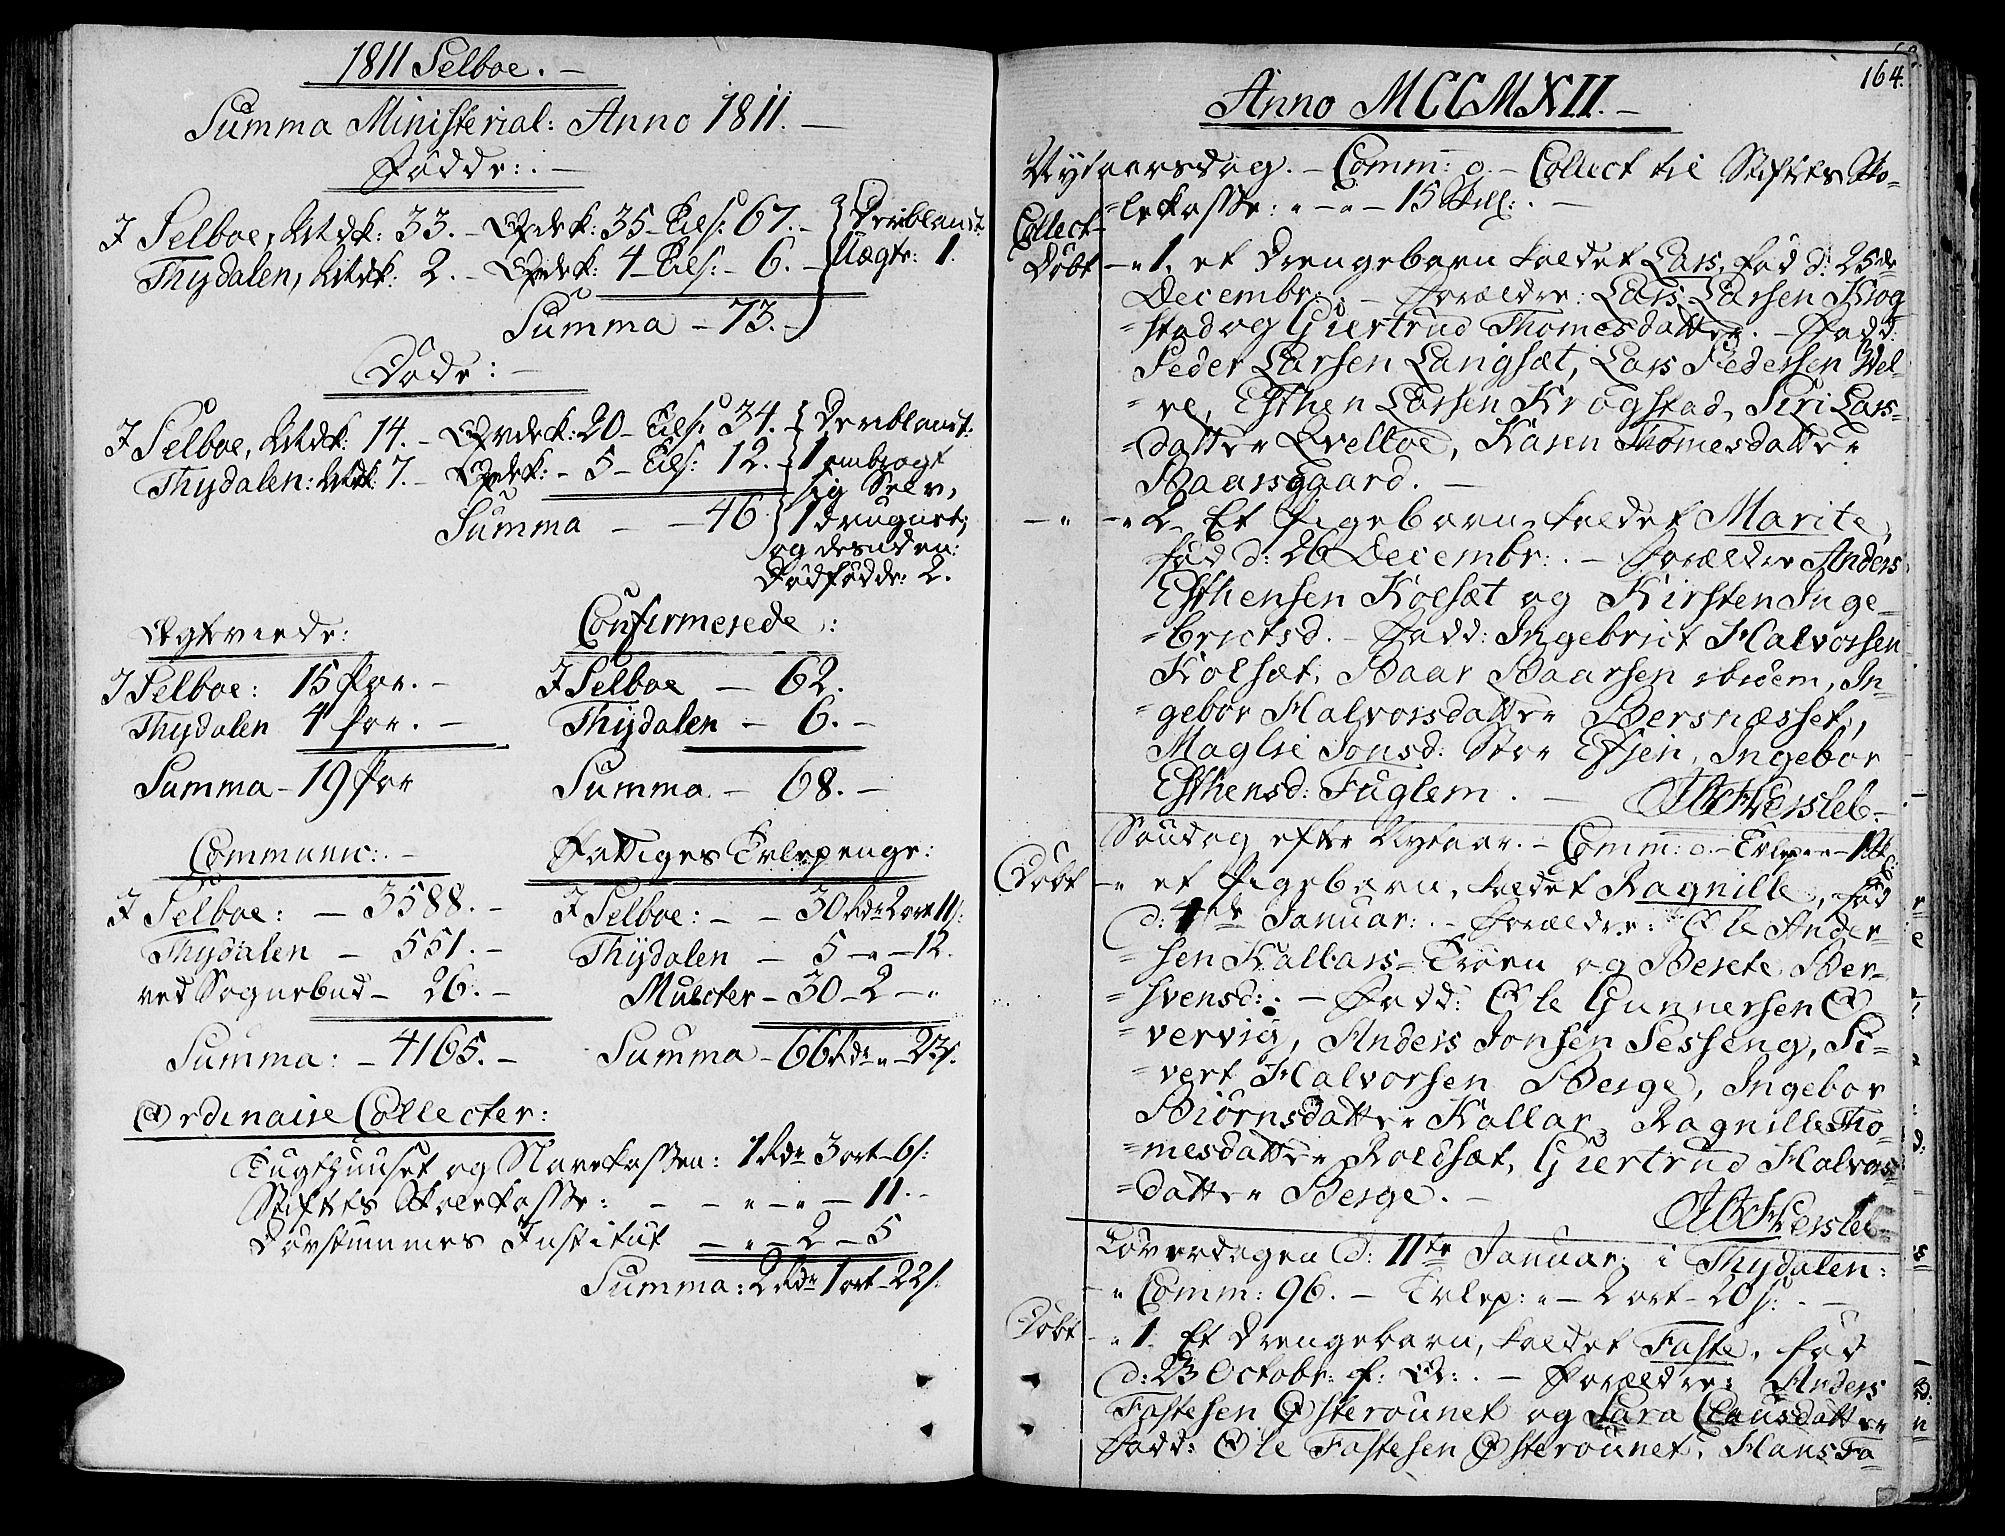 SAT, Ministerialprotokoller, klokkerbøker og fødselsregistre - Sør-Trøndelag, 695/L1140: Ministerialbok nr. 695A03, 1801-1815, s. 164